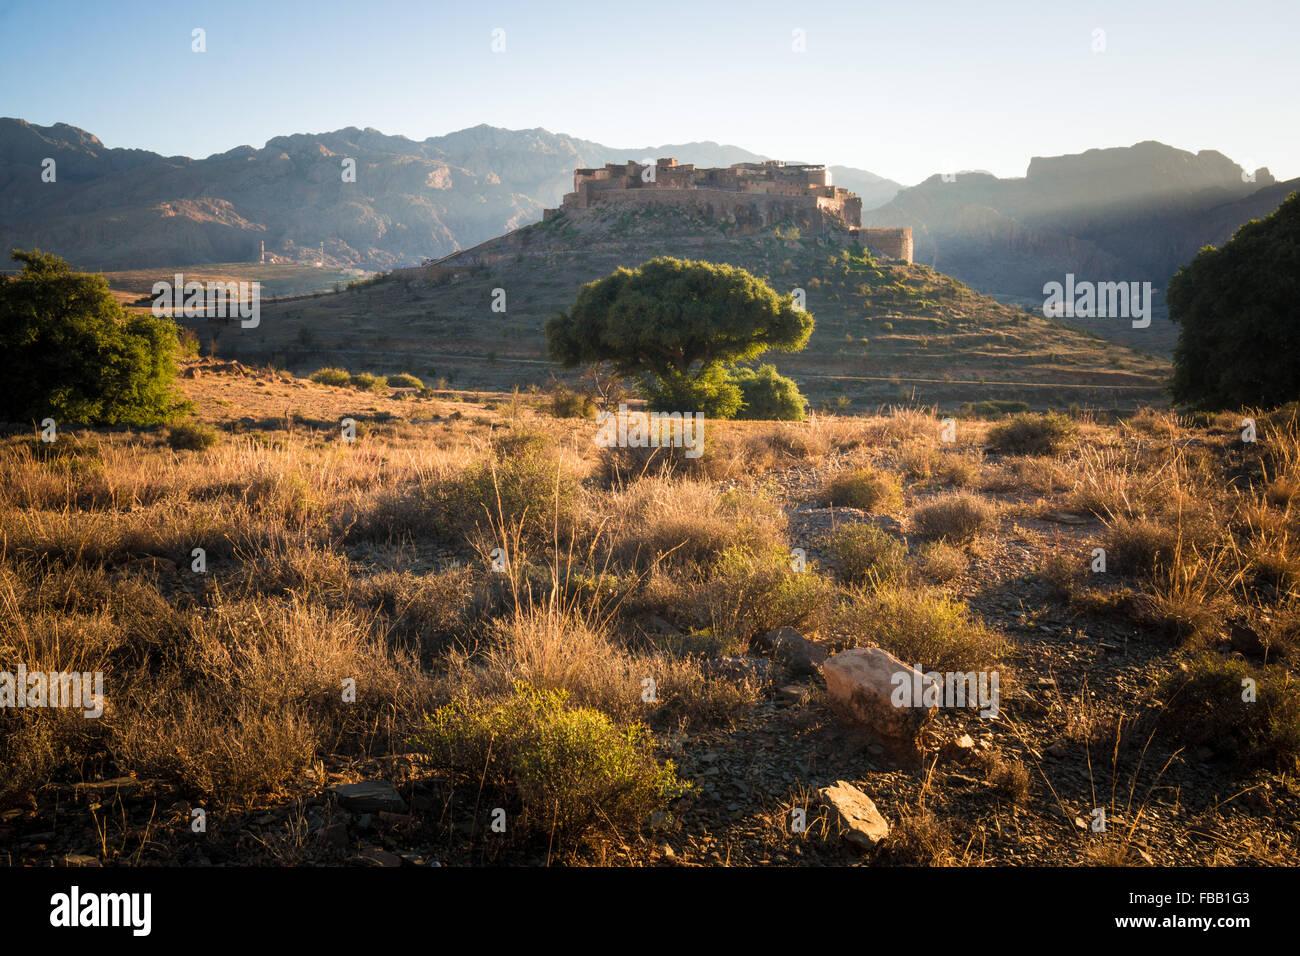 Tizourgane Kasbah, Marruecos Imagen De Stock